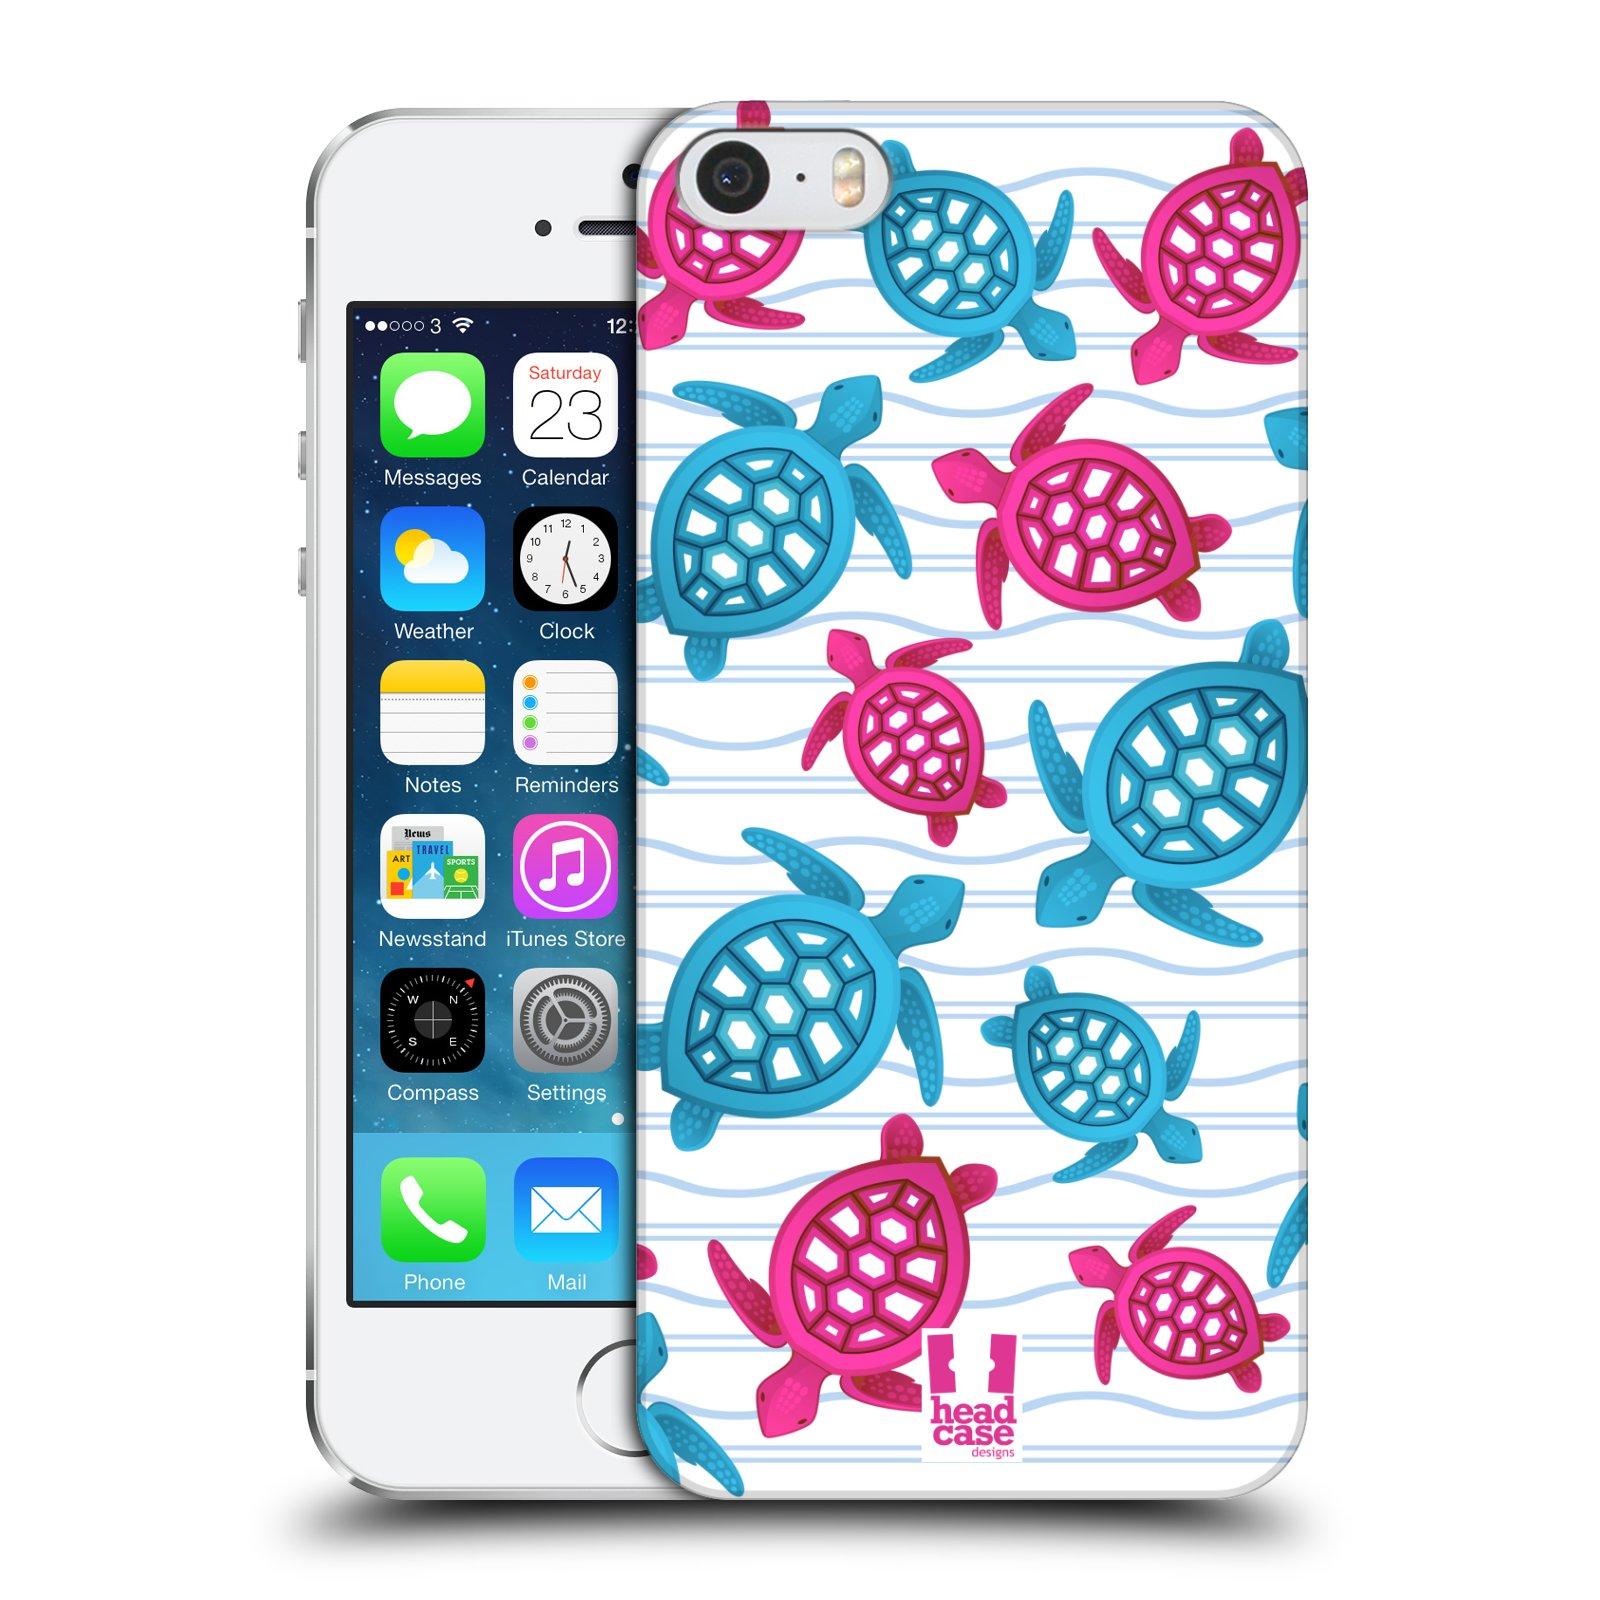 Plastové pouzdro pro mobil Apple Iphone 5 / 5S / SE vzor mořský živočich želva modrá a růžová